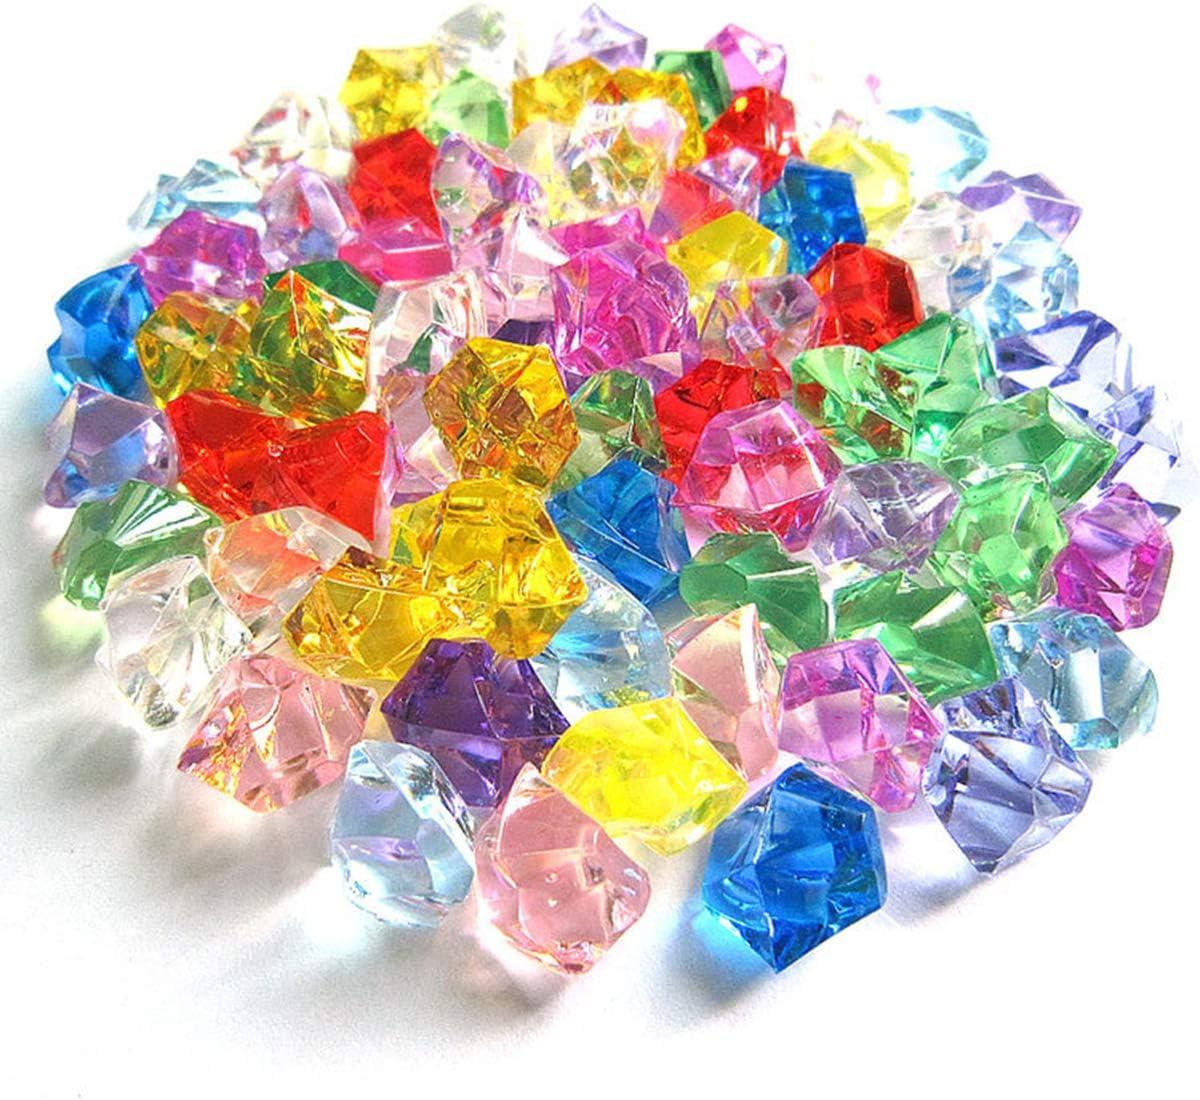 Piedras de Hielo Falsas,100 PCS Transparentes de Diamantes Falsos Cubitos de Acr/ílico Cubos Cuadrados de Cristal Pl/ástico Gemas para Rellenos de Jarrones Dcoraci/ón de Mesas Bodas Hogar 16 x 22 mm